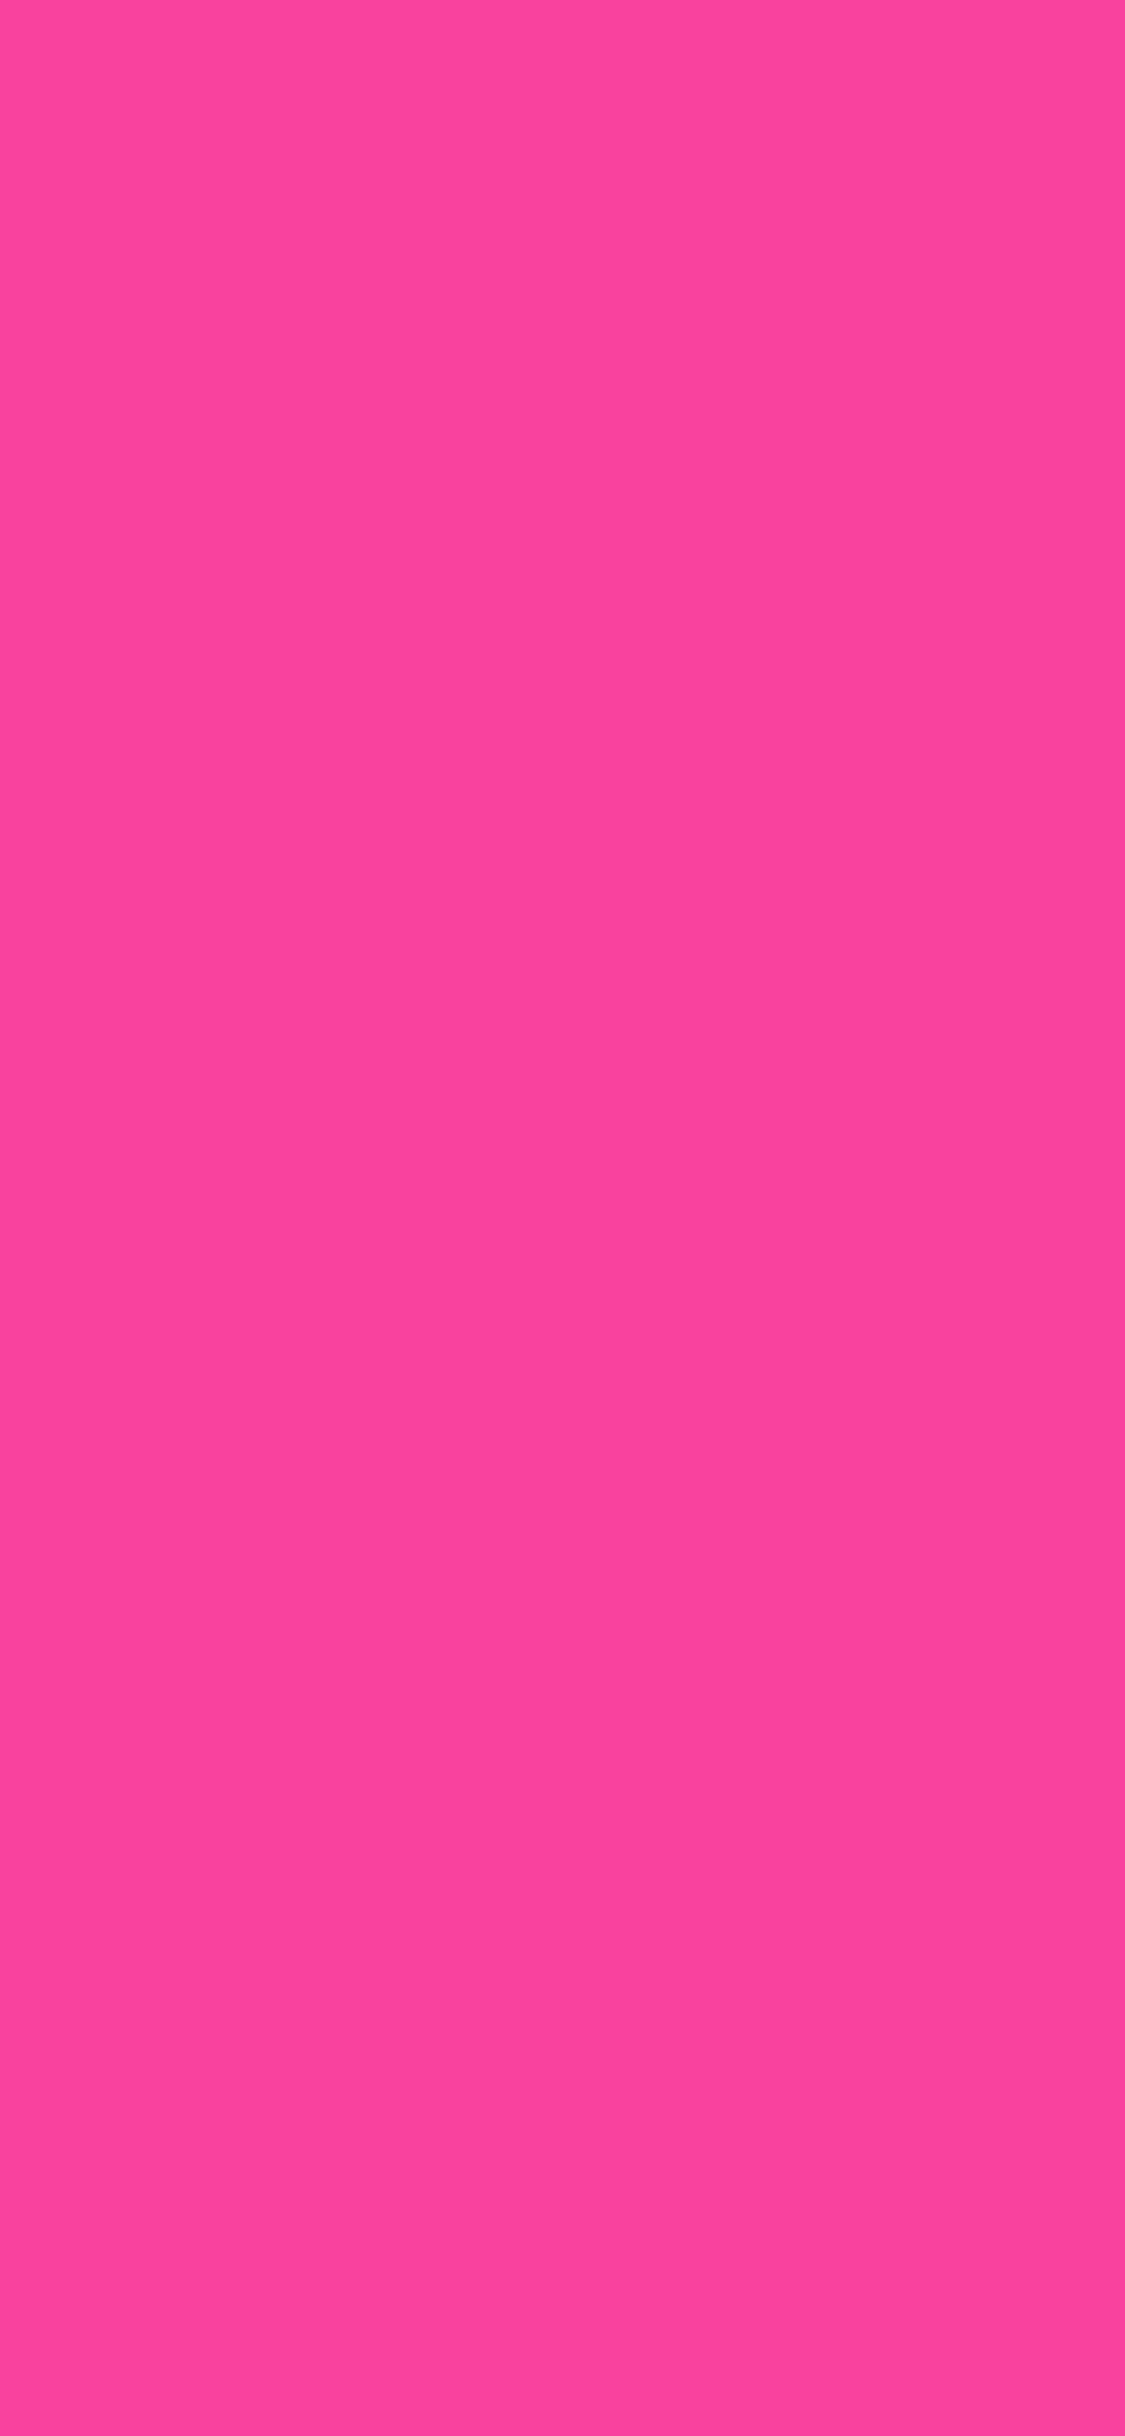 1125x2436 Rose Bonbon Solid Color Background